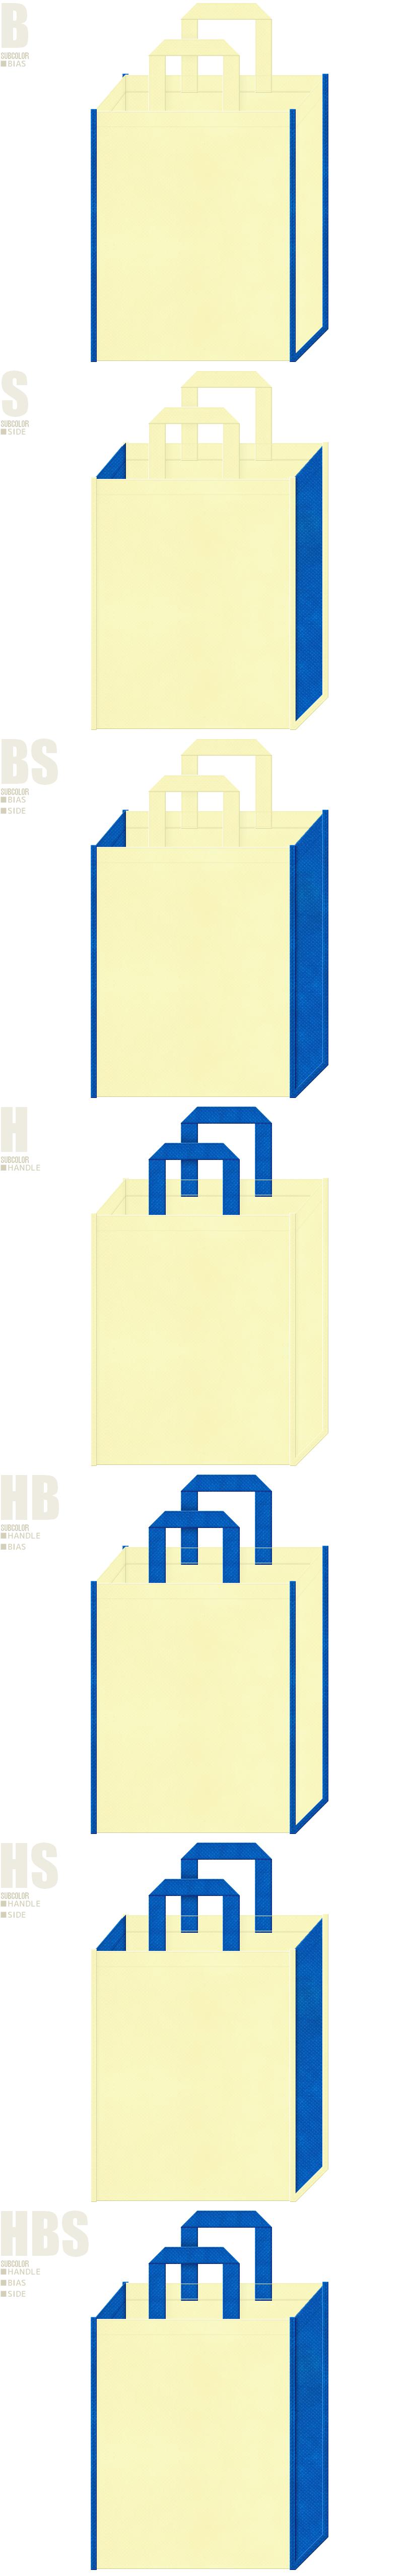 不織布バッグのデザイン:クリームイエロー+サブカラーNo.22の2色7パターン